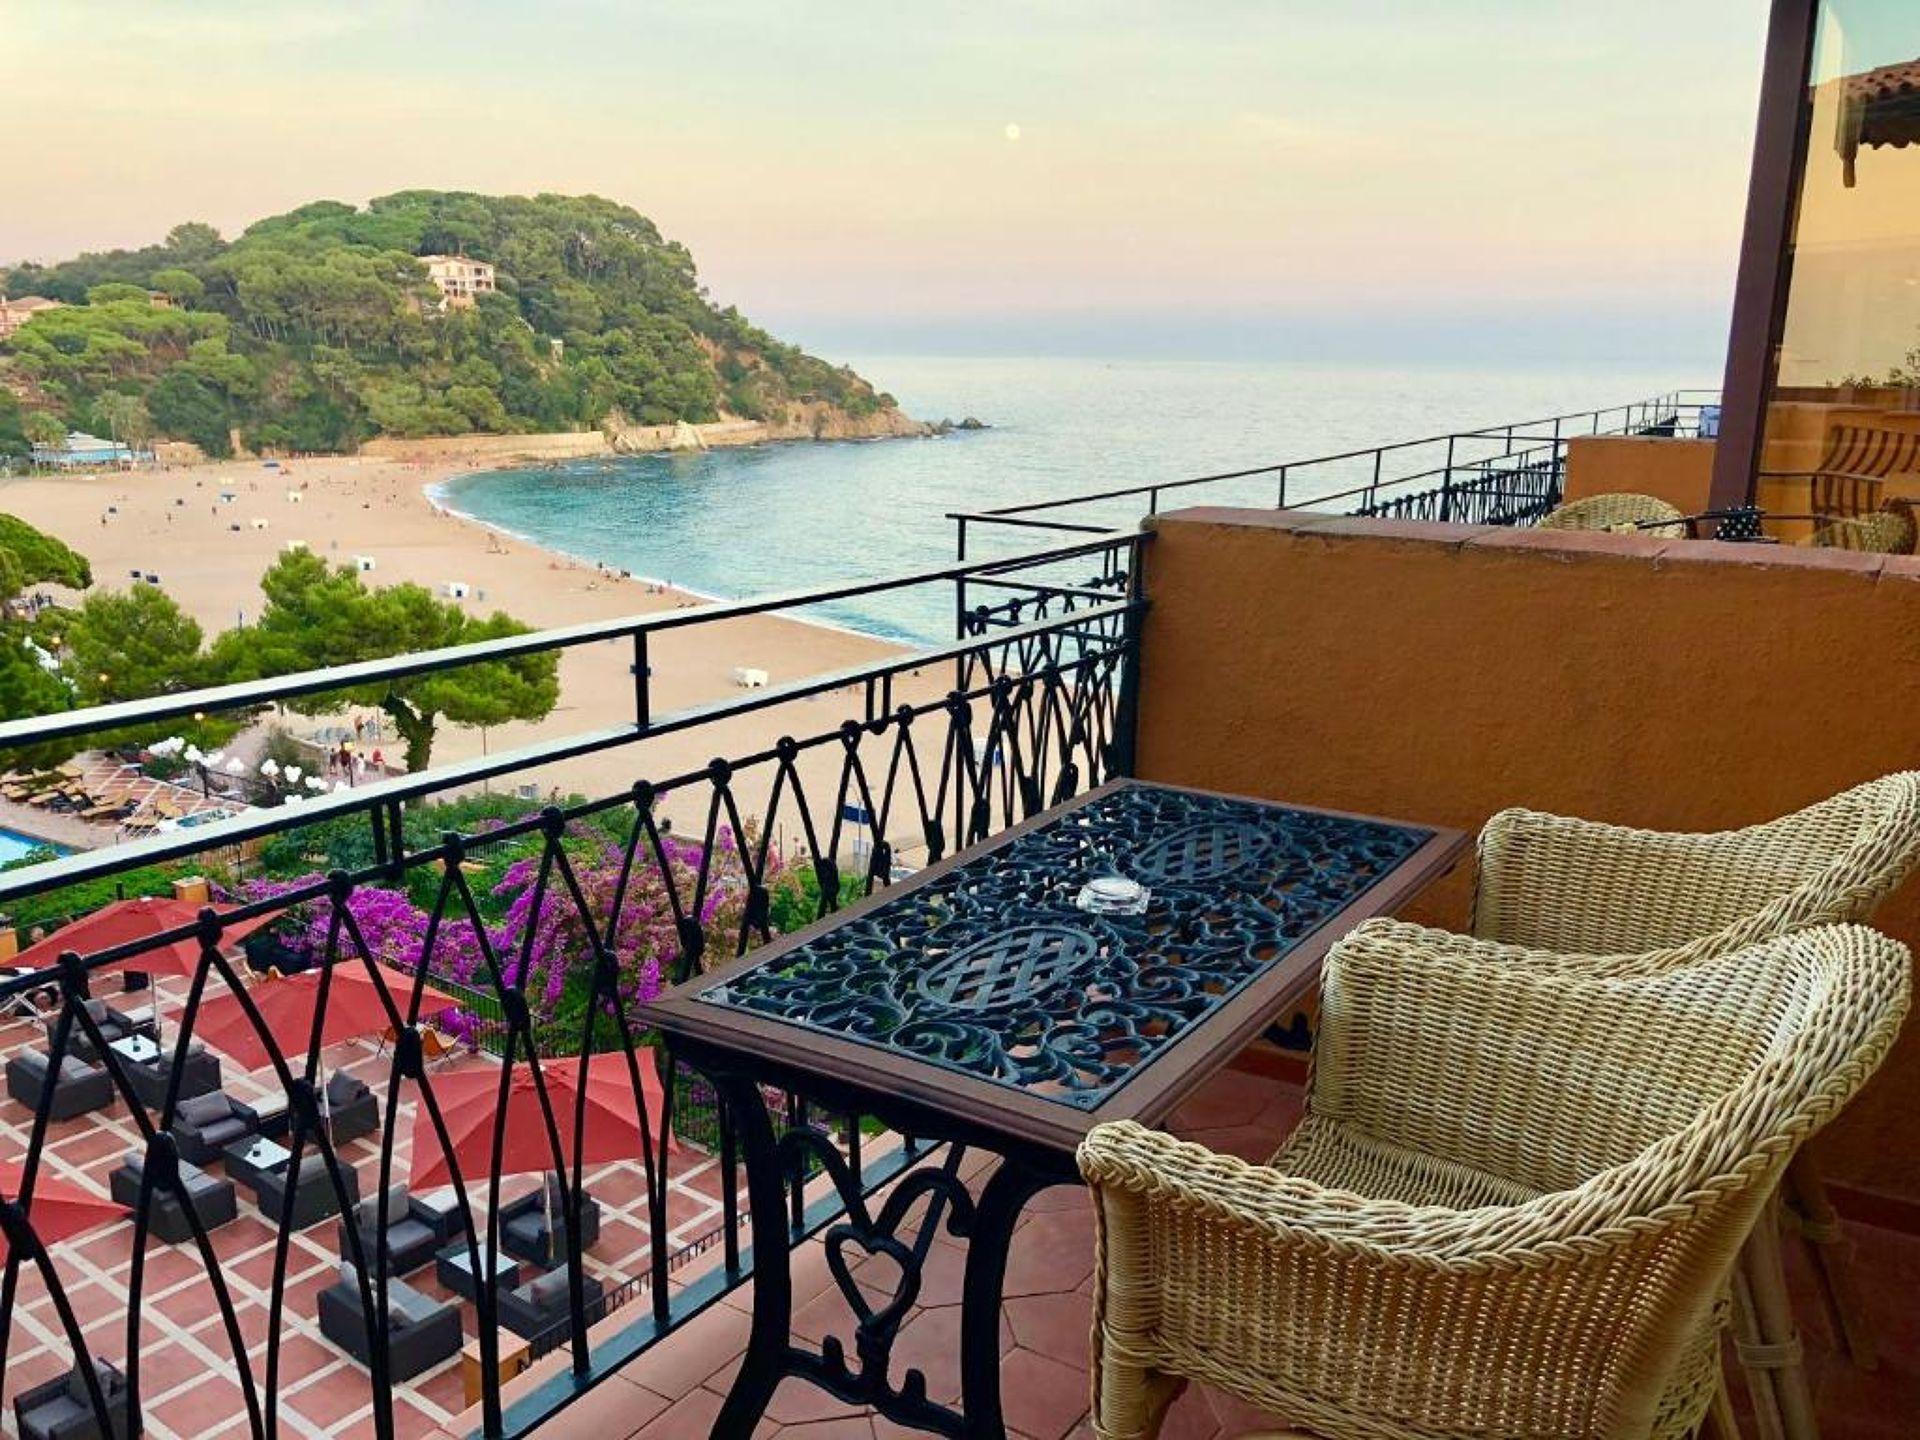 4a1e8-vista-mar-terraza.jpg